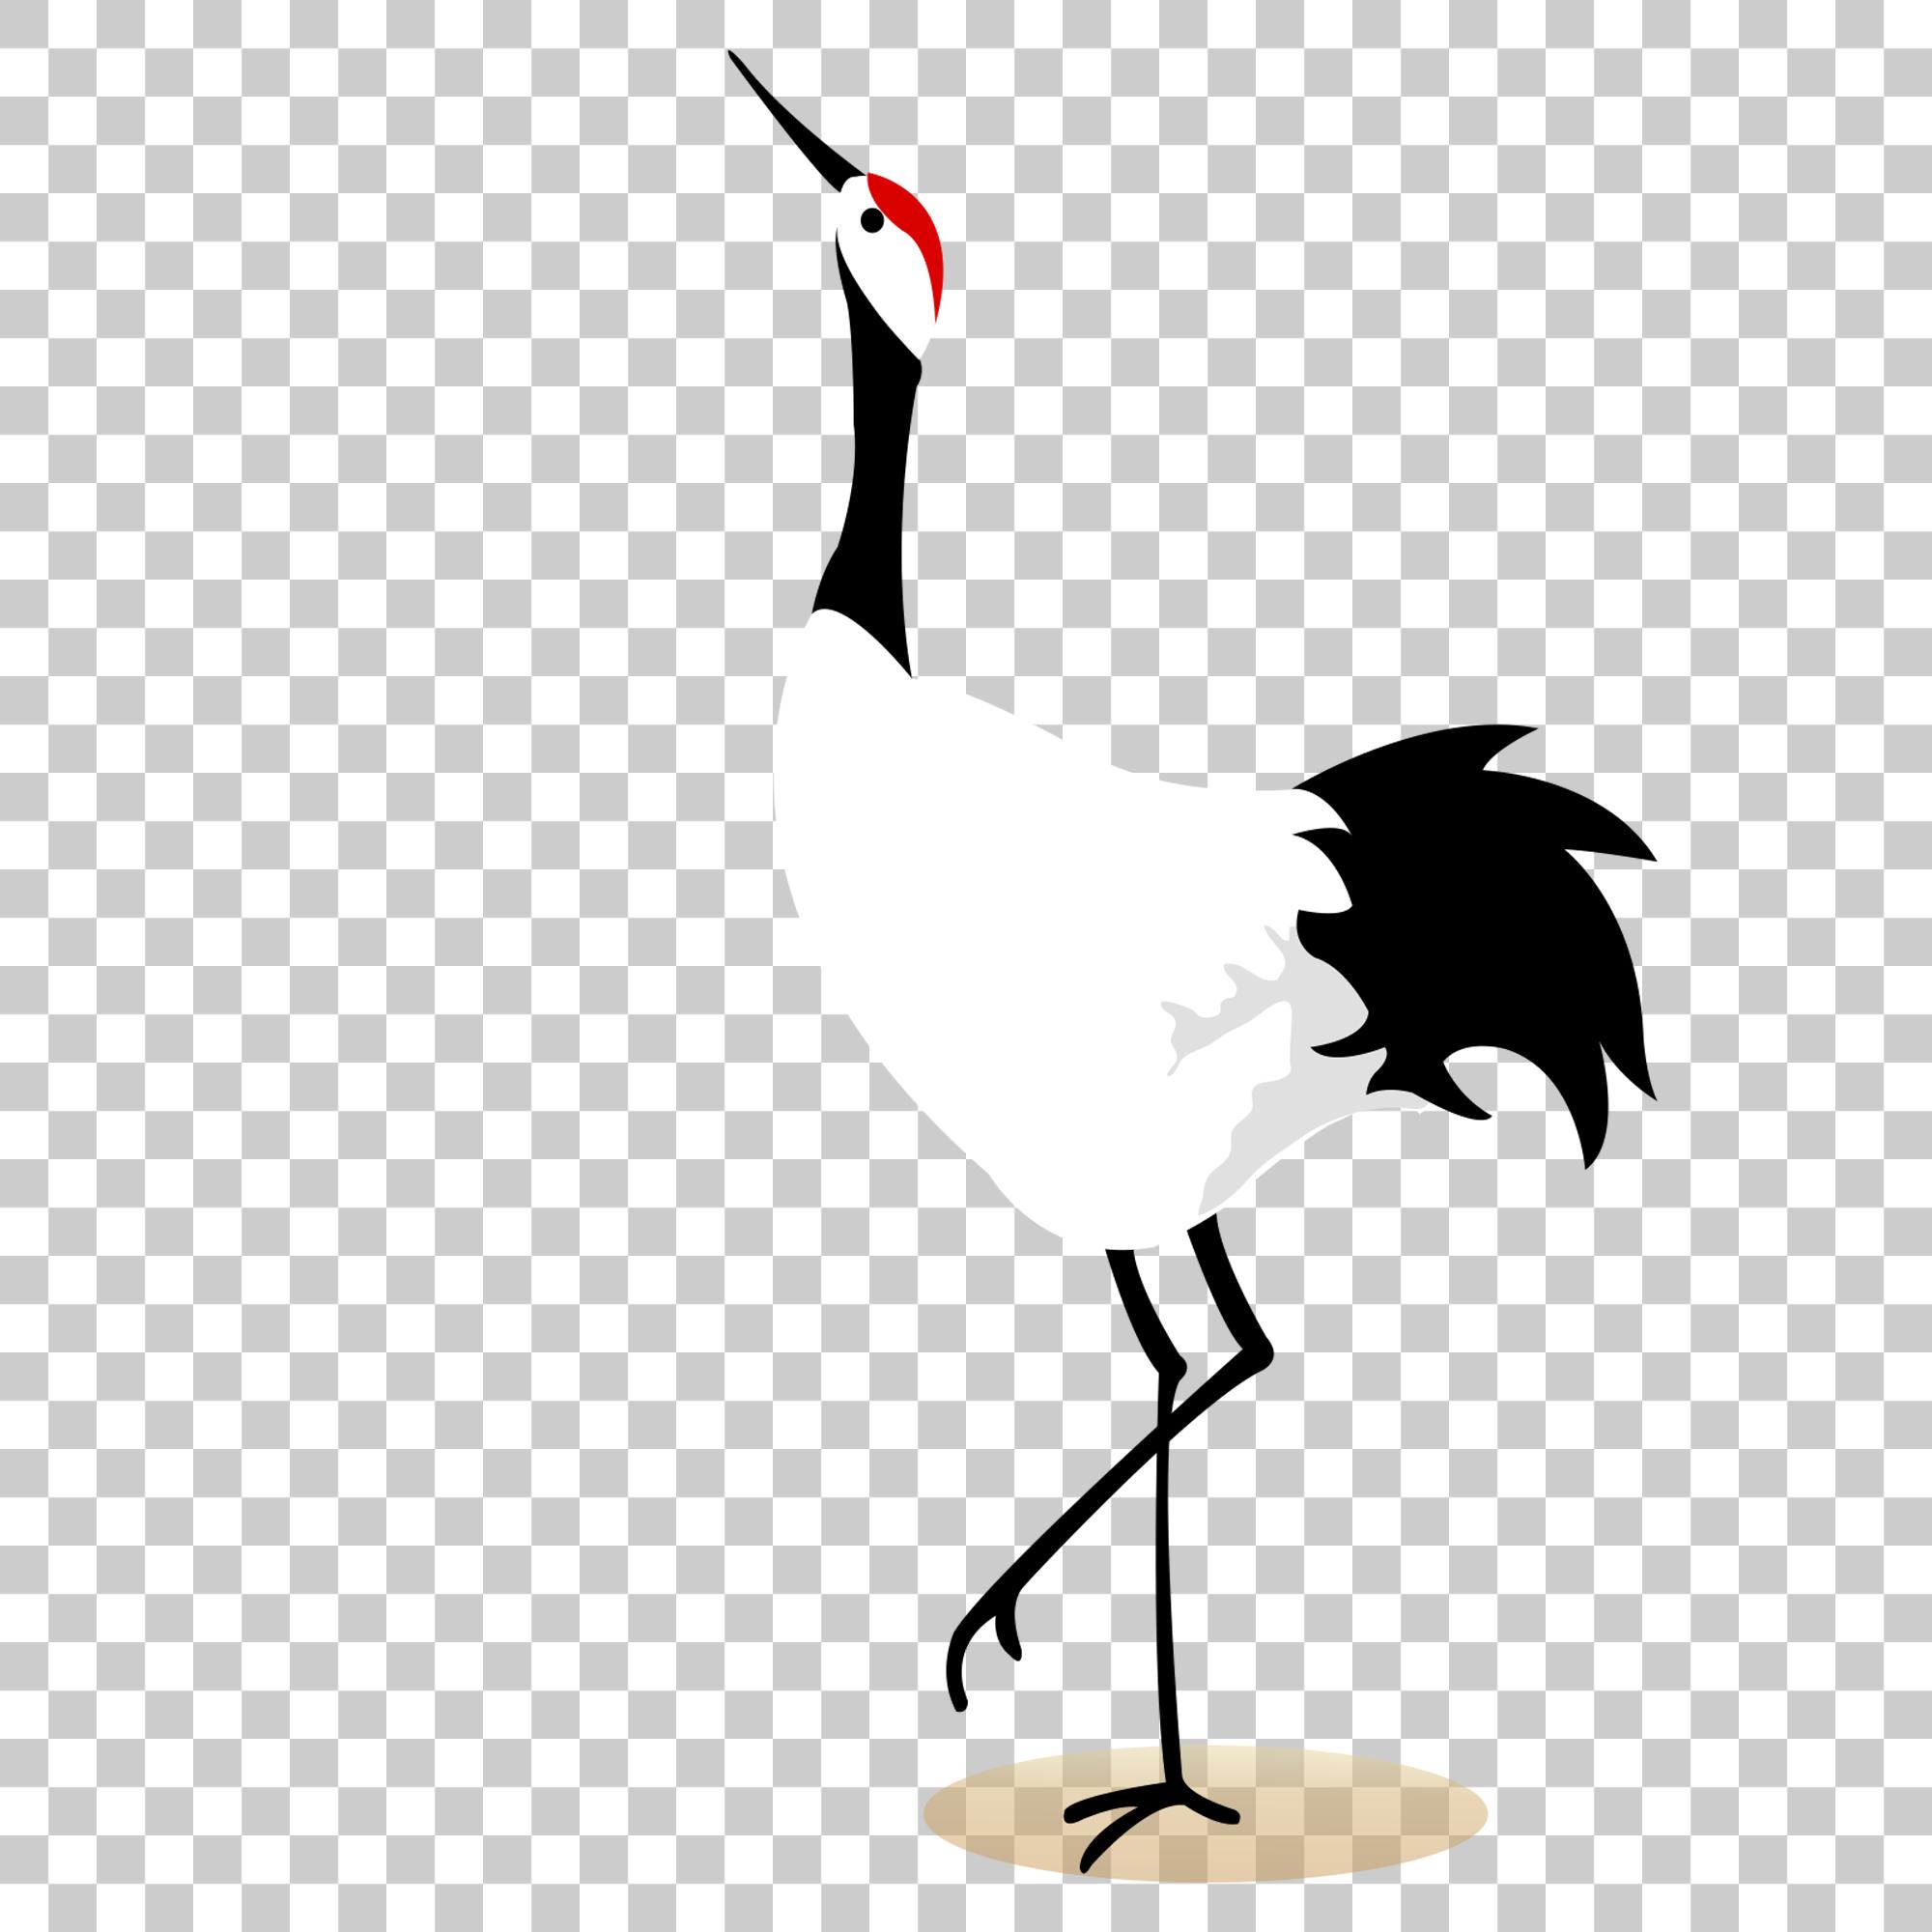 Crane Stork Bird Png Image With Transparent Background Stork Bird Png Images Bird